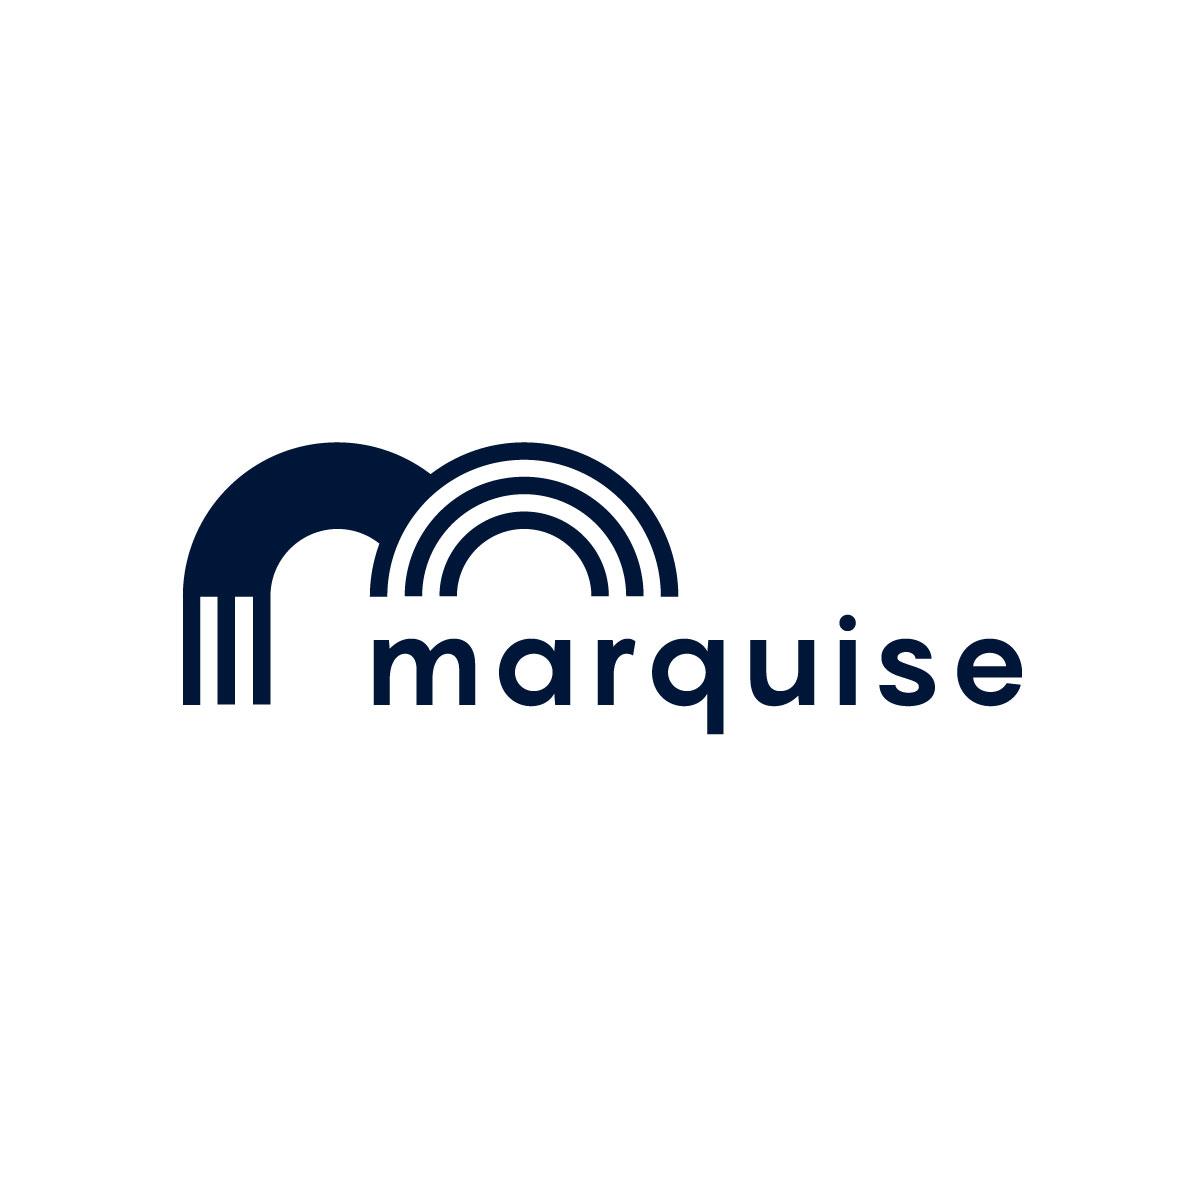 création logo lyon la marquise 4colors fond blanc